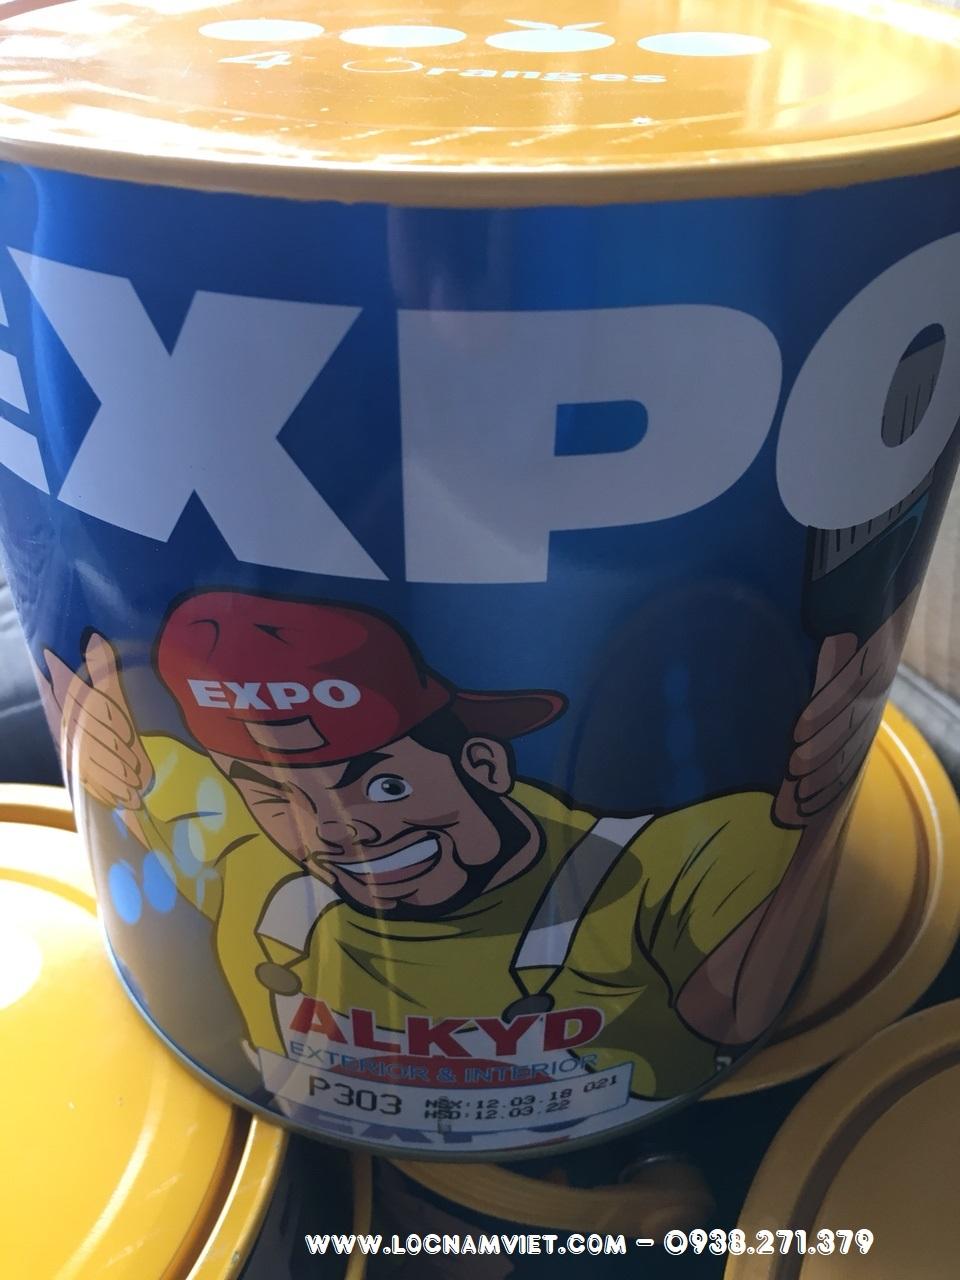 SON DAU EXPO 303 3KG (1)